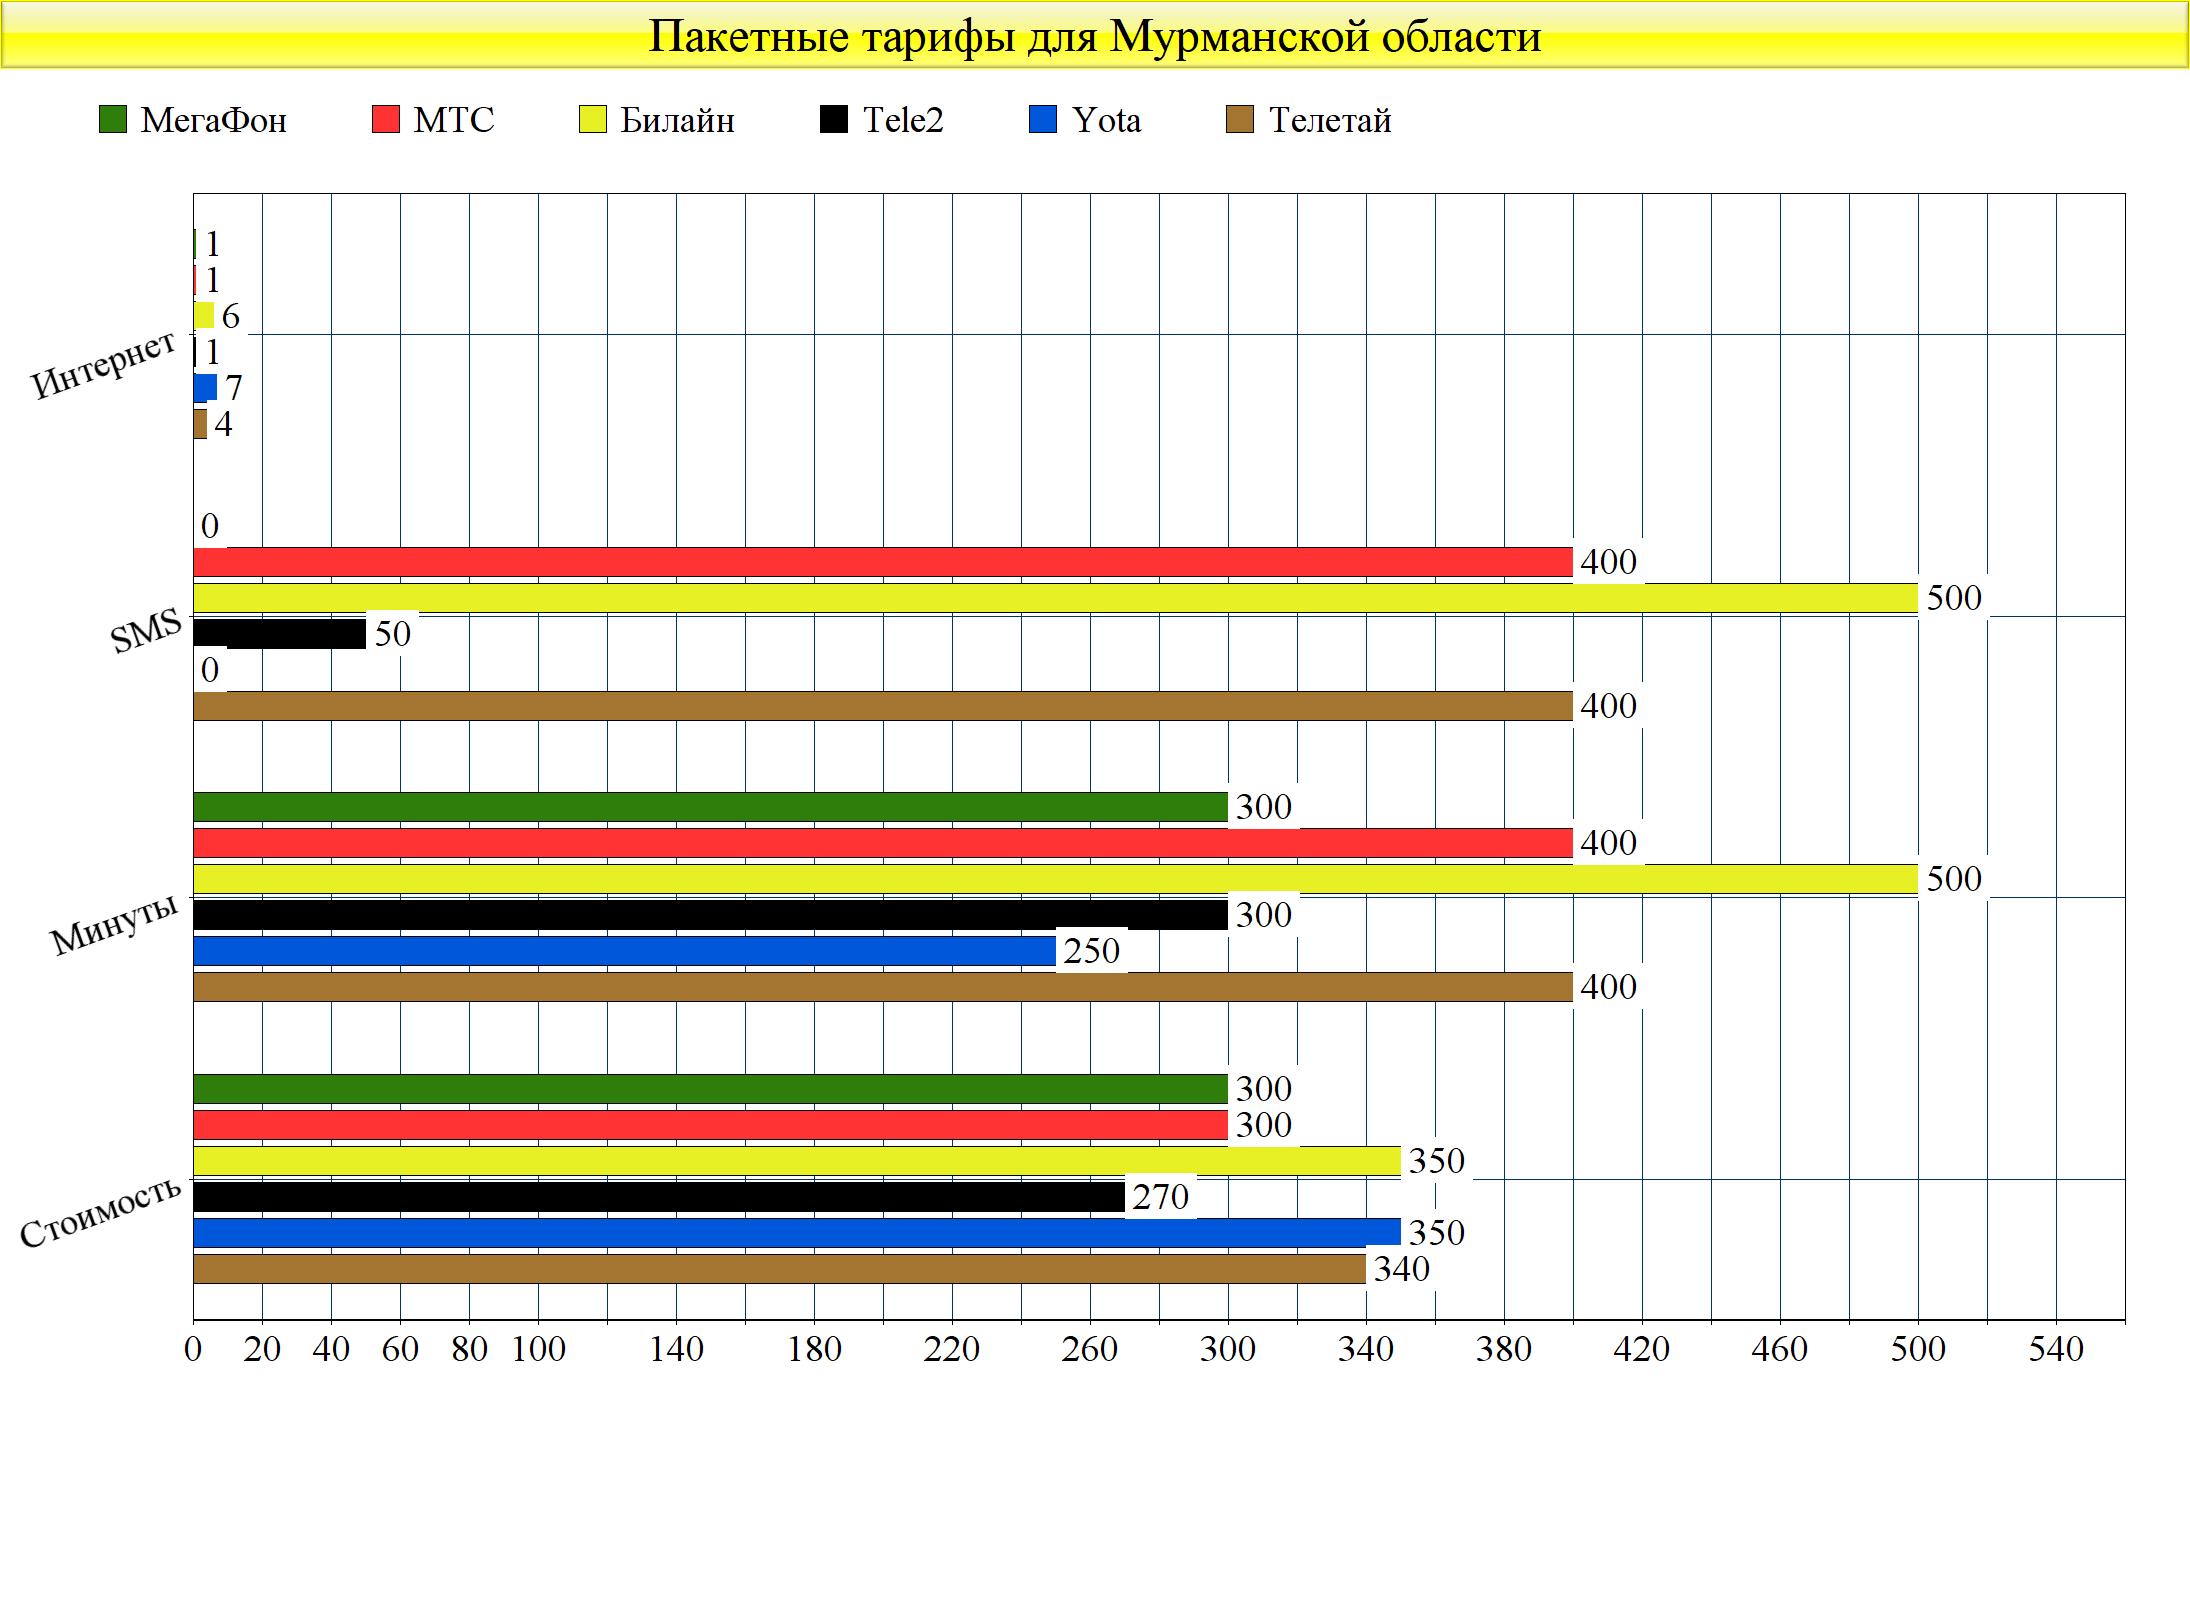 Бюджетные пакетные тарифы сотовых операторов Мурманской области. Какой выбрать? 2